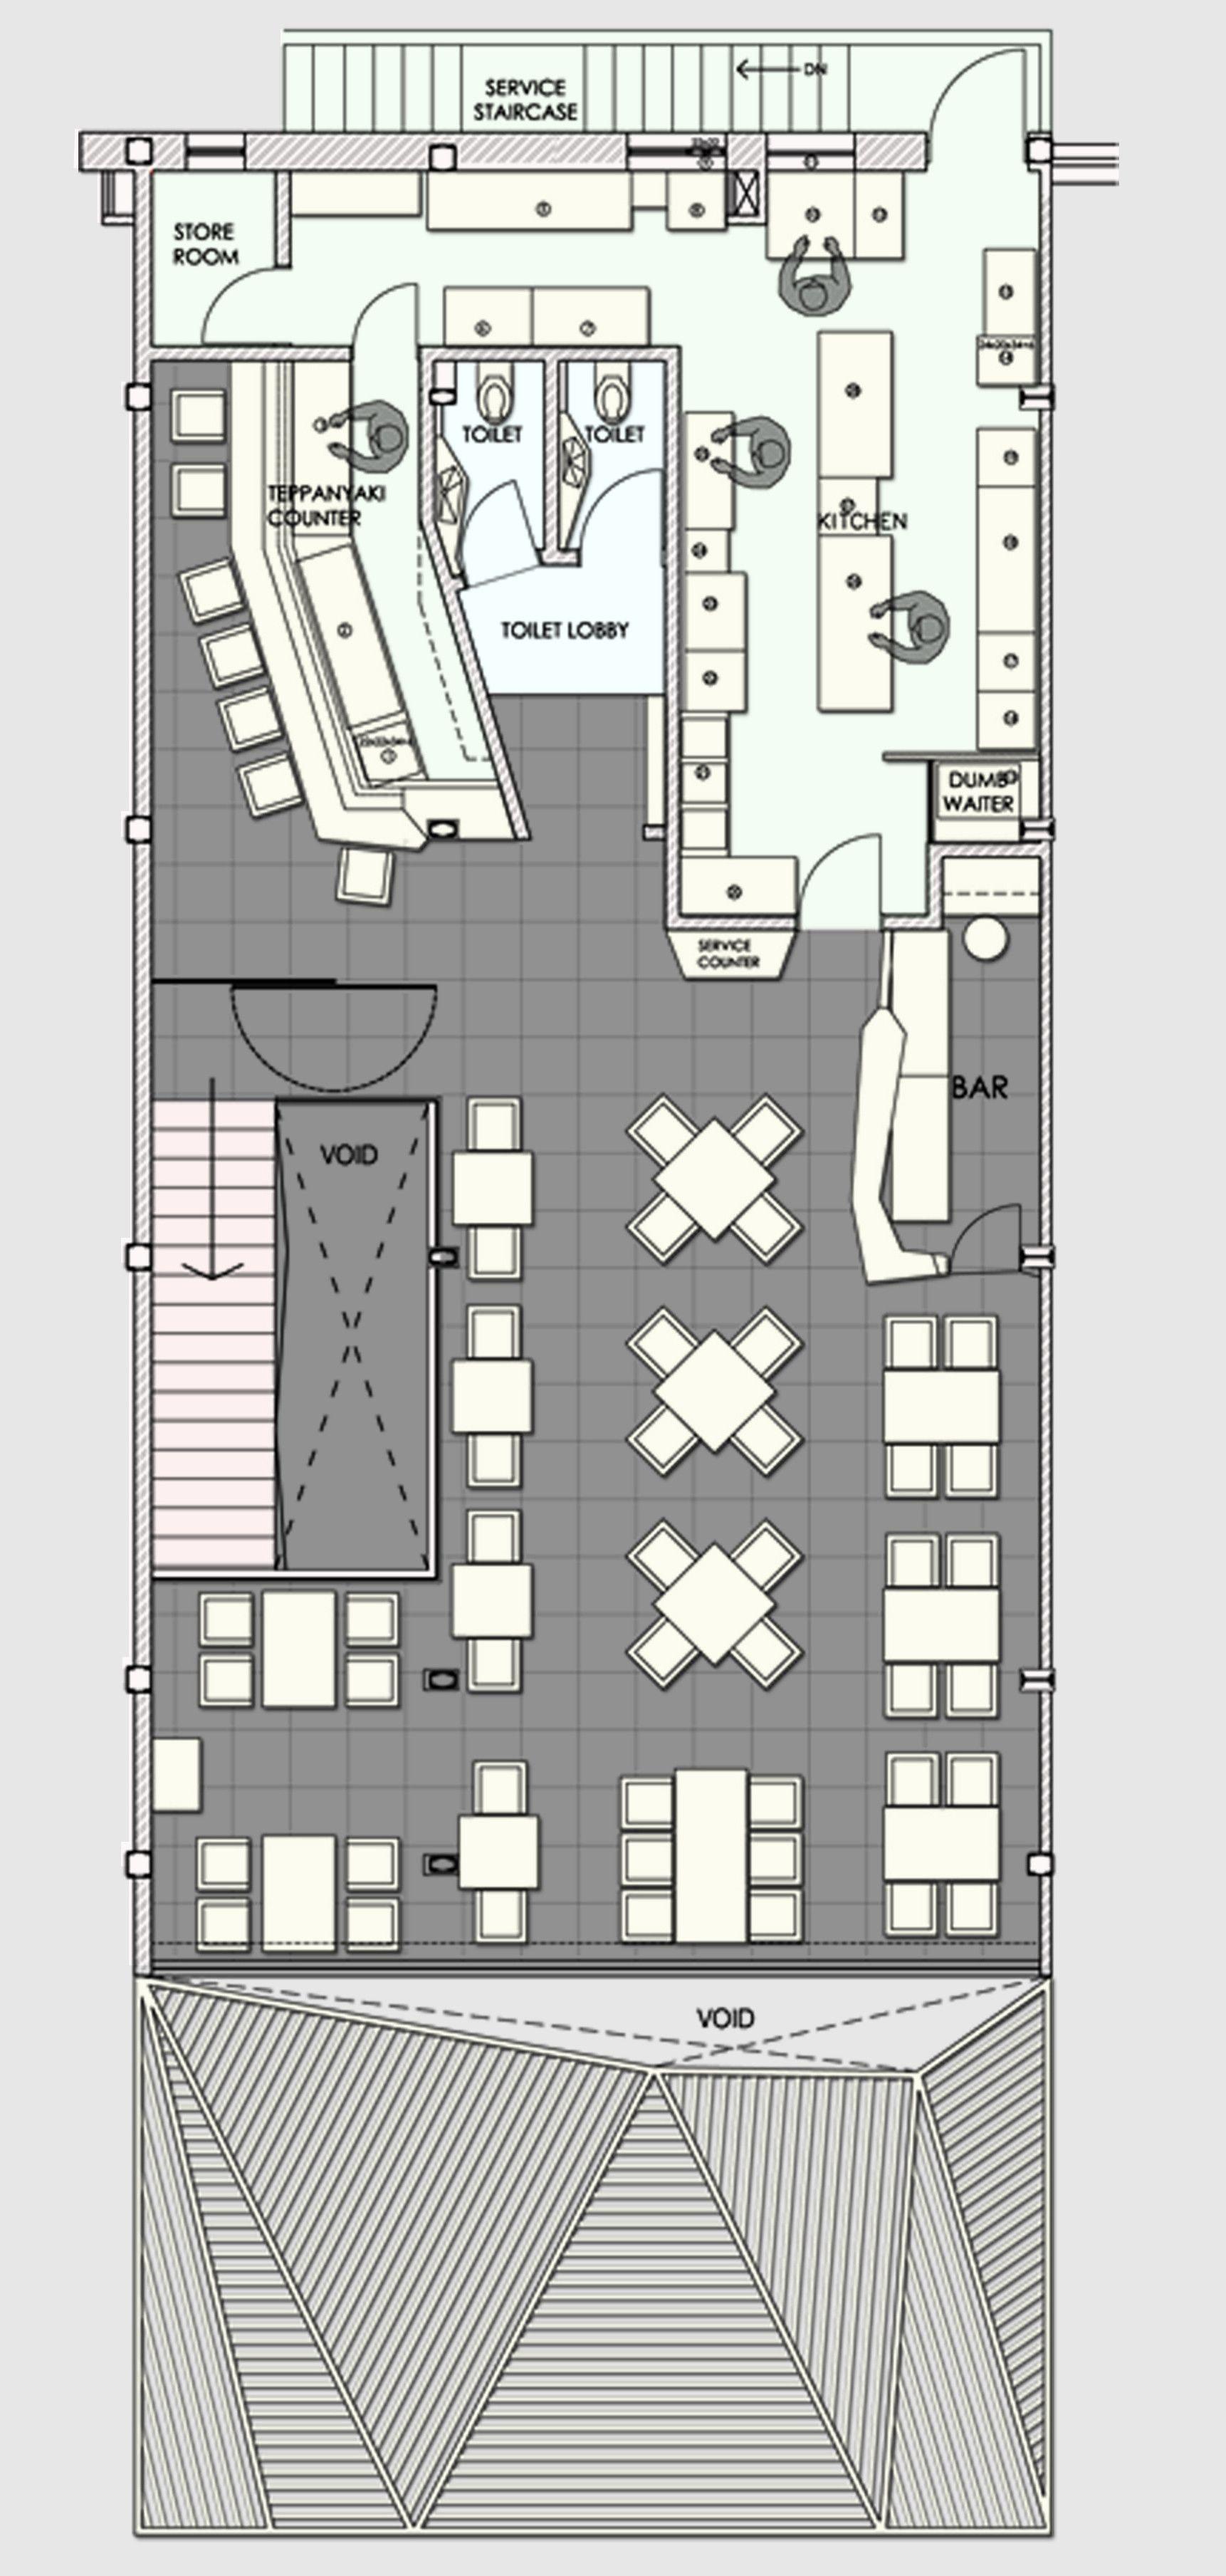 Restaurant kitchen equipment layout - Gallery Of Auriga Restaurant Sanjay Puri 13 Restaurant Layoutrestaurant Kitchenrestaurant